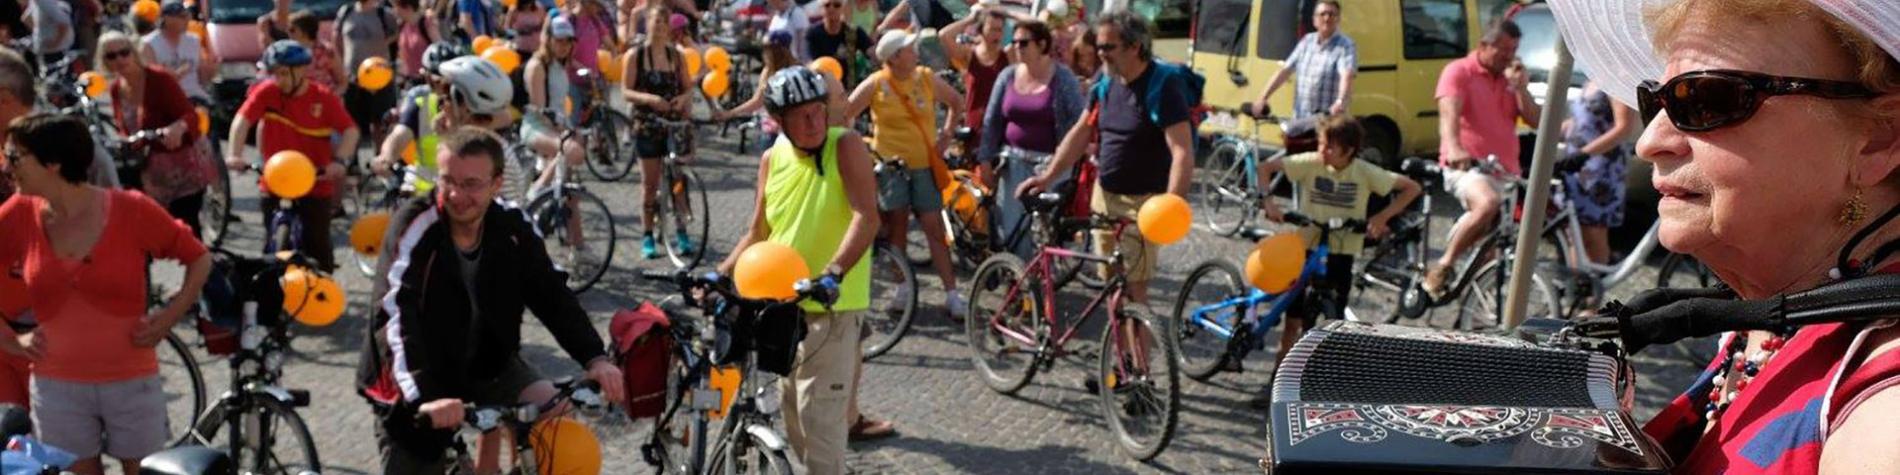 La Caravane Vanne - Balade - cyclo - touristique - accordéon - pique-nique